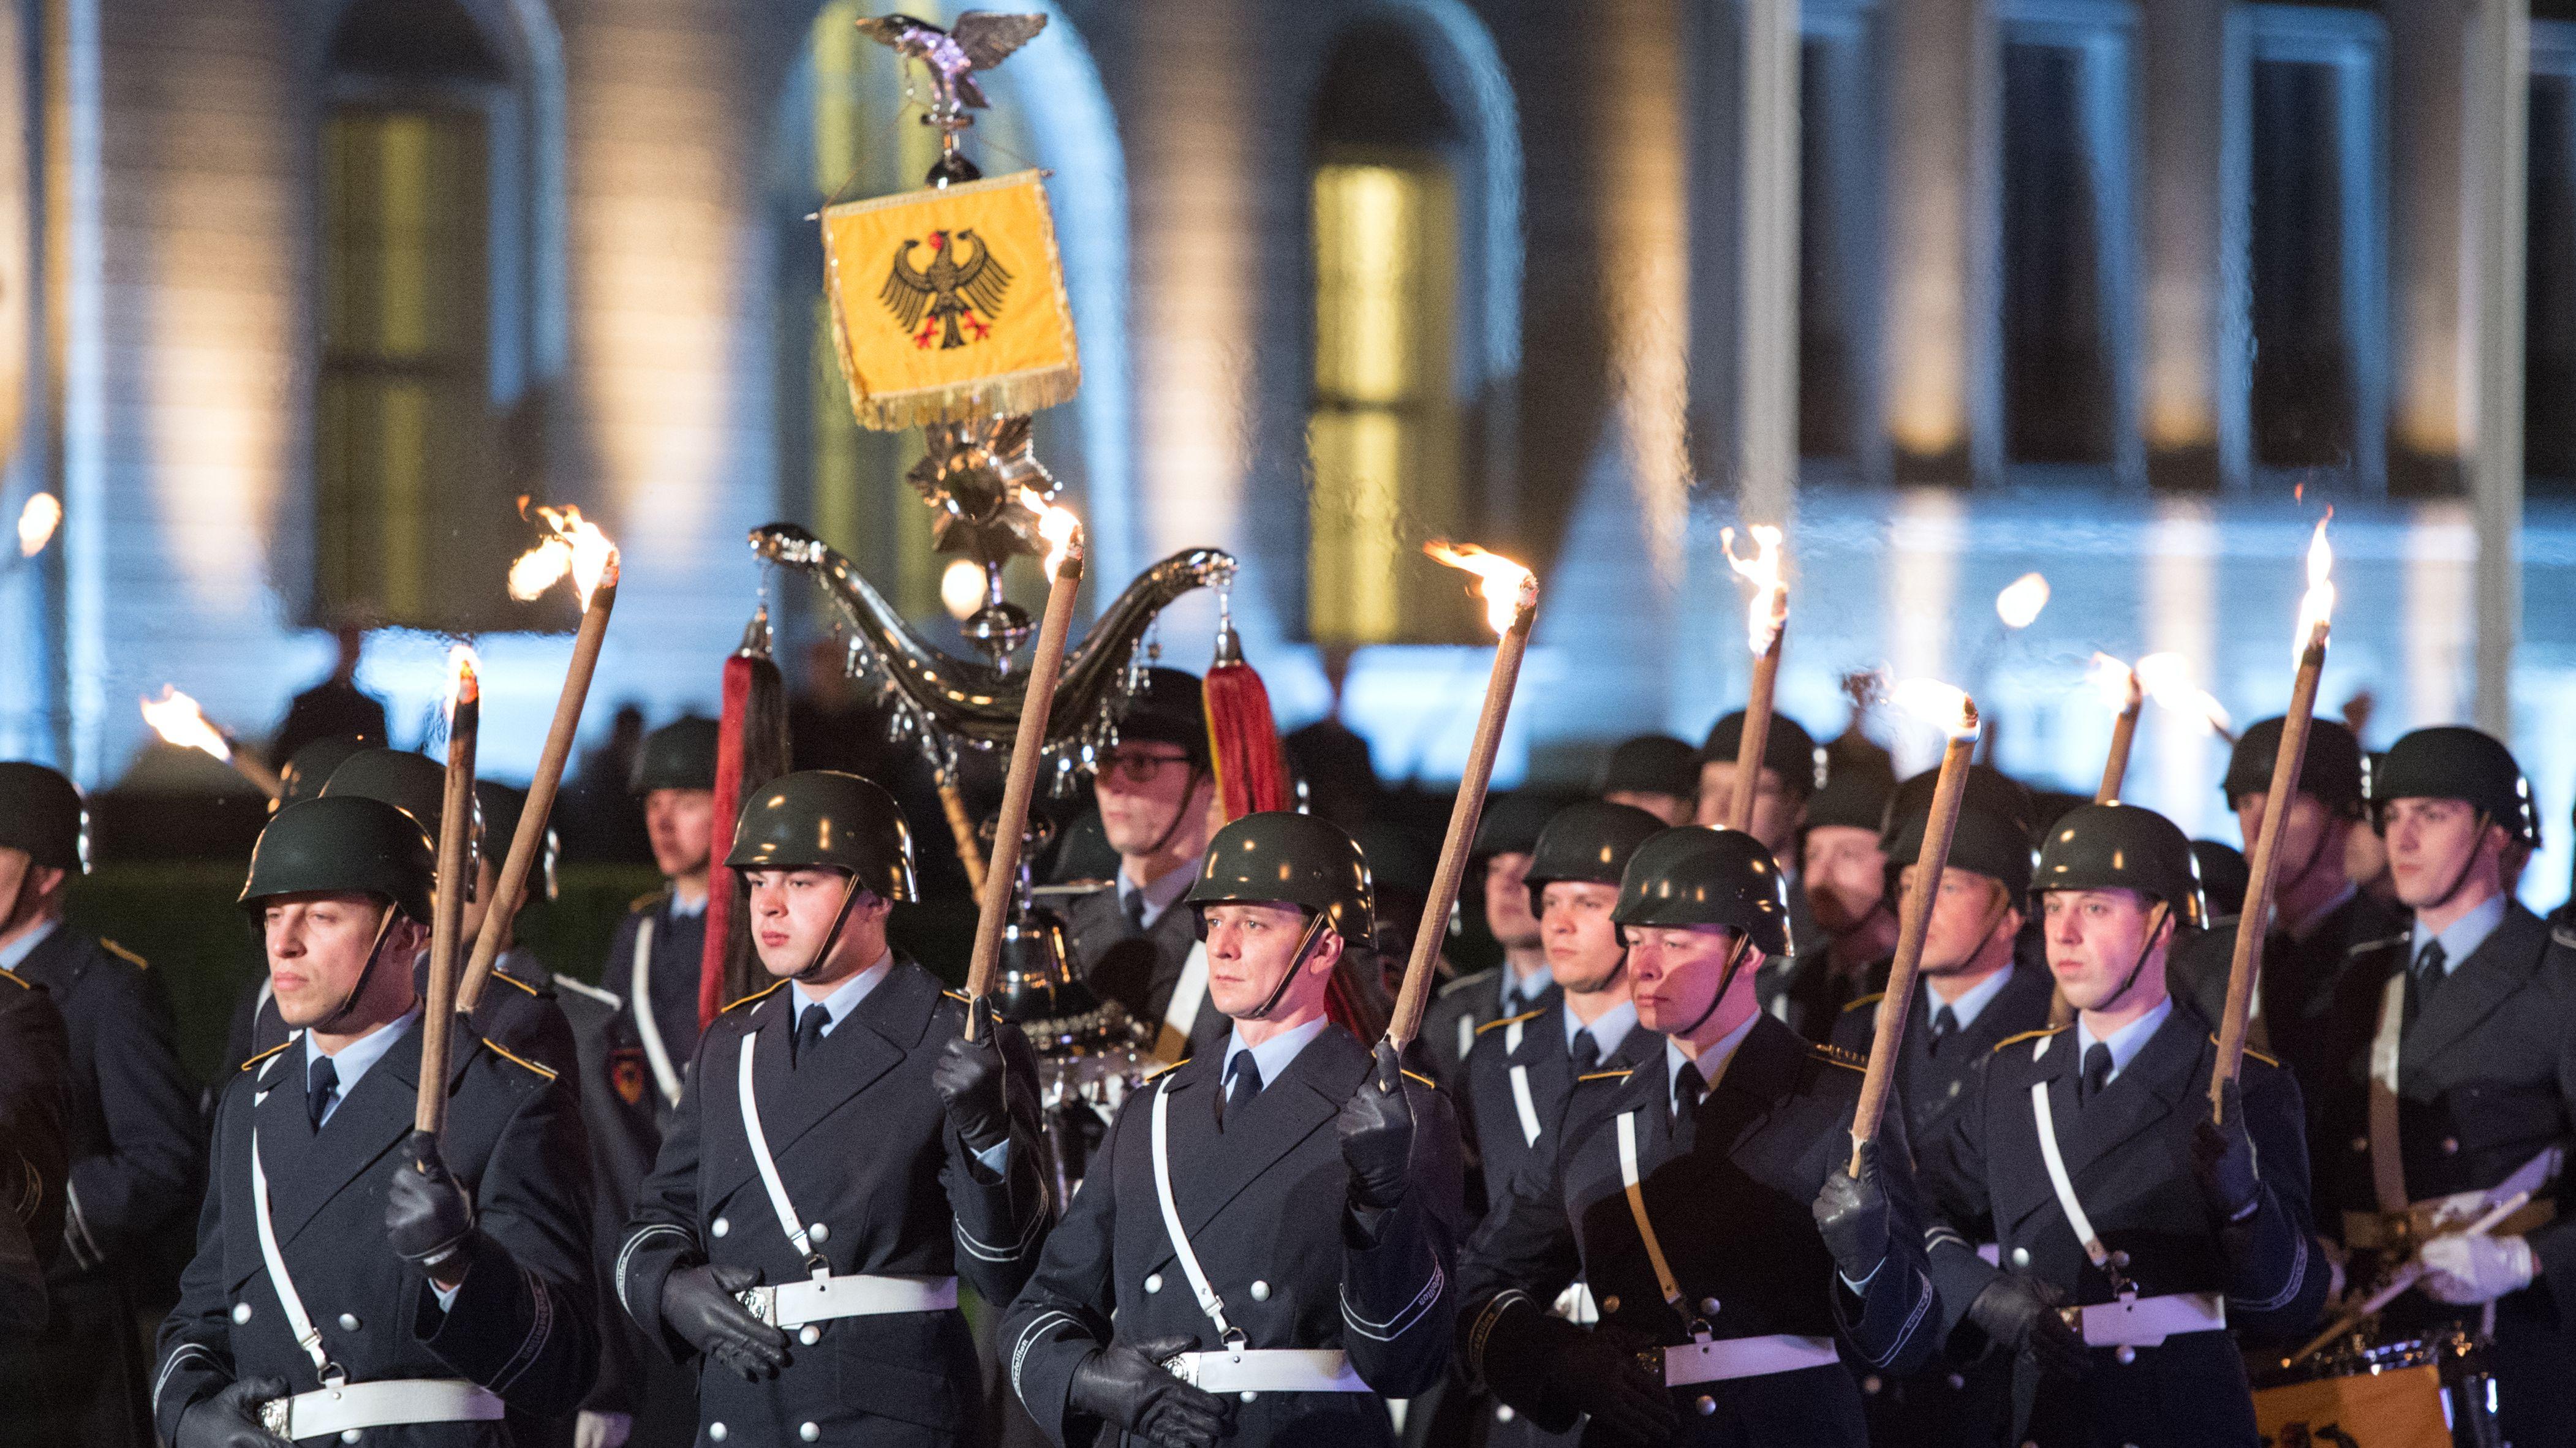 Großer Zapfenstreich zur Verabschiedung von Bundespräsident Joachim Gauck in Berlin im Jahr 2017.